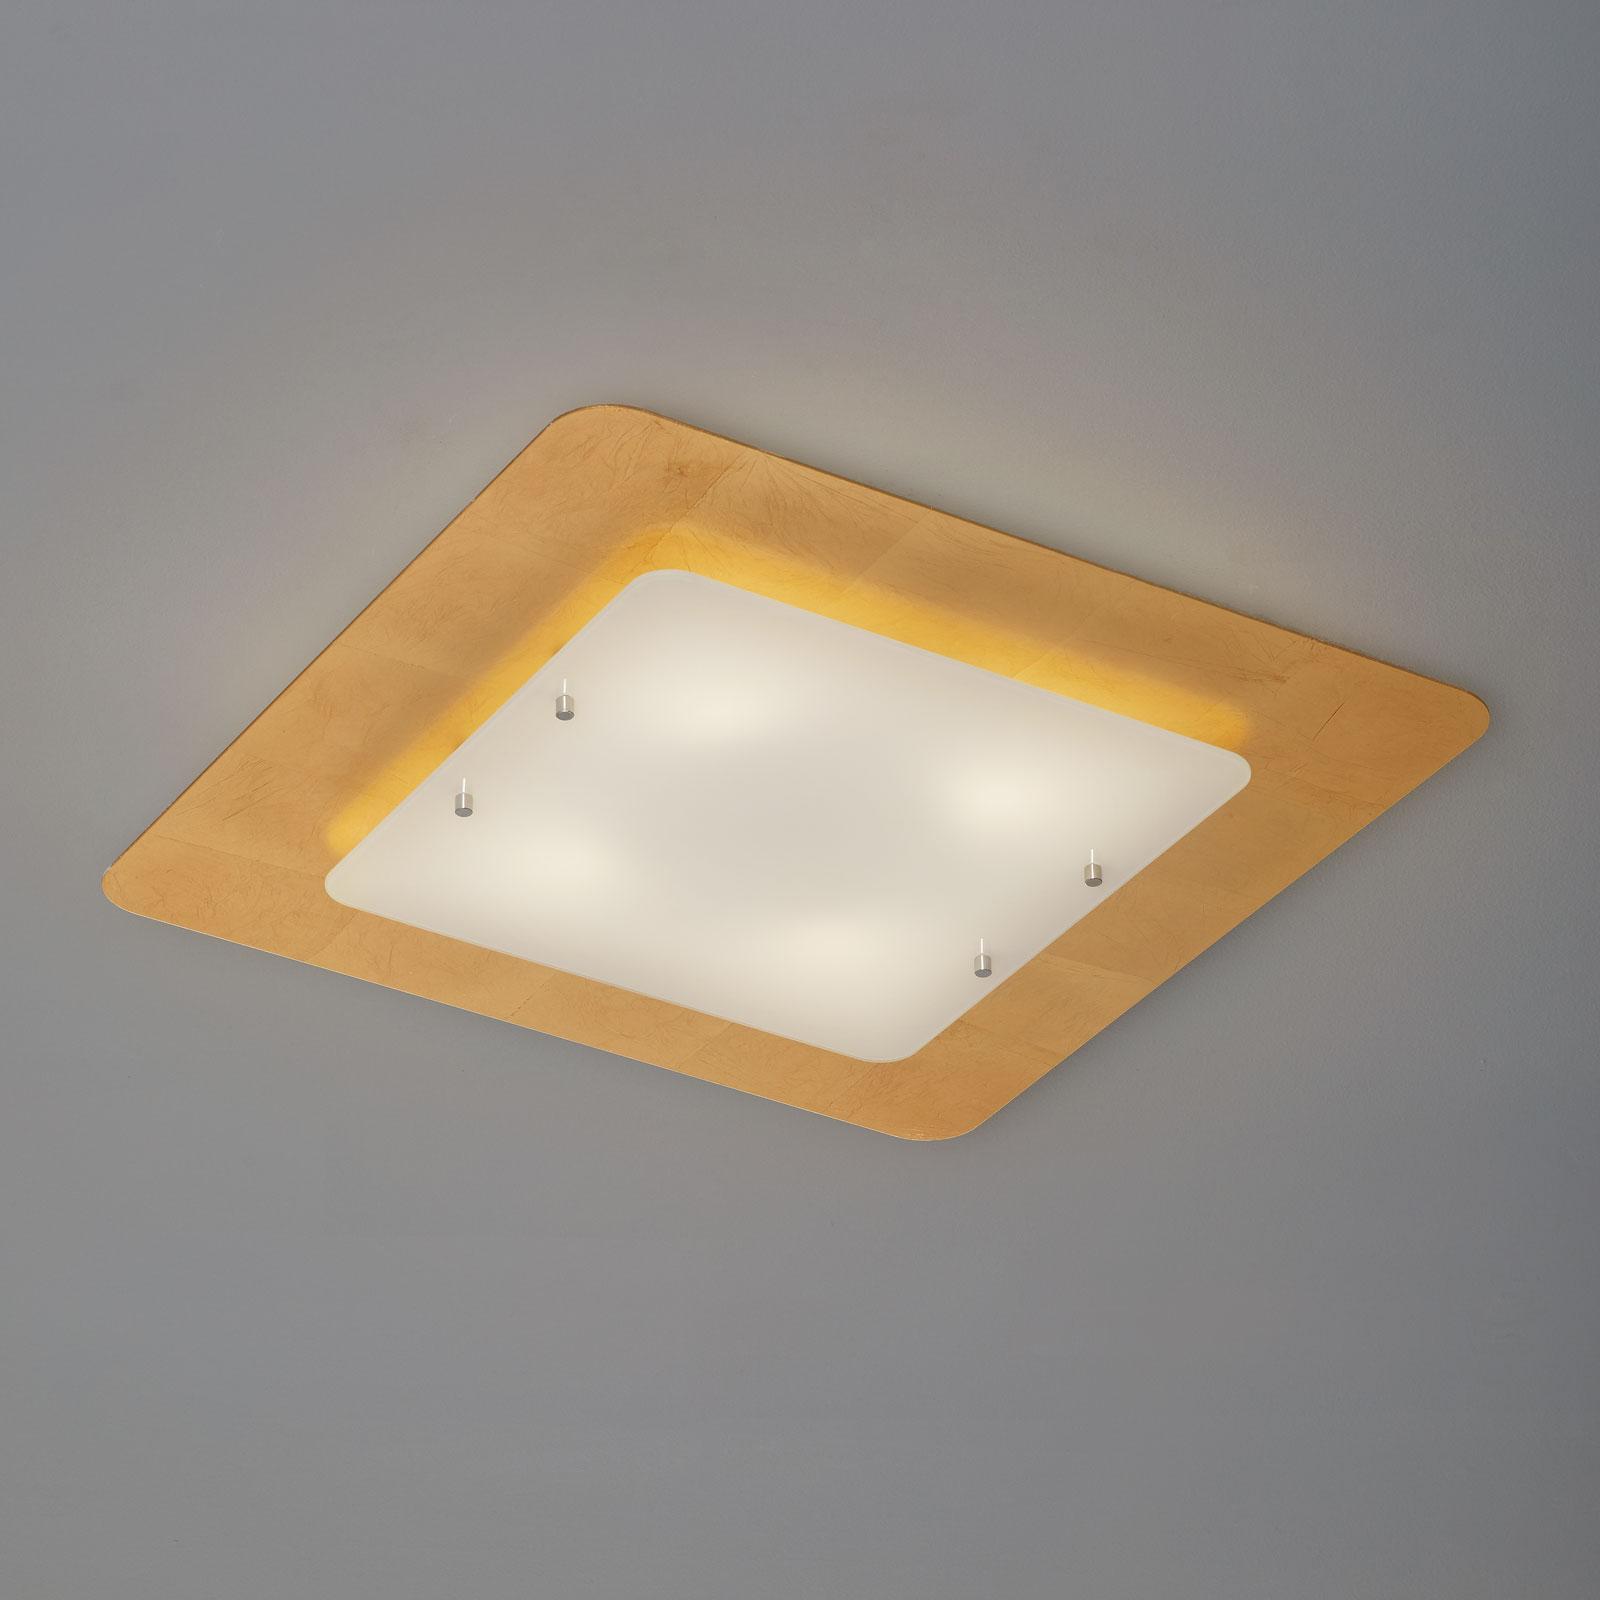 Taklampe Pop up med bladgullramme 60 x 60 cm